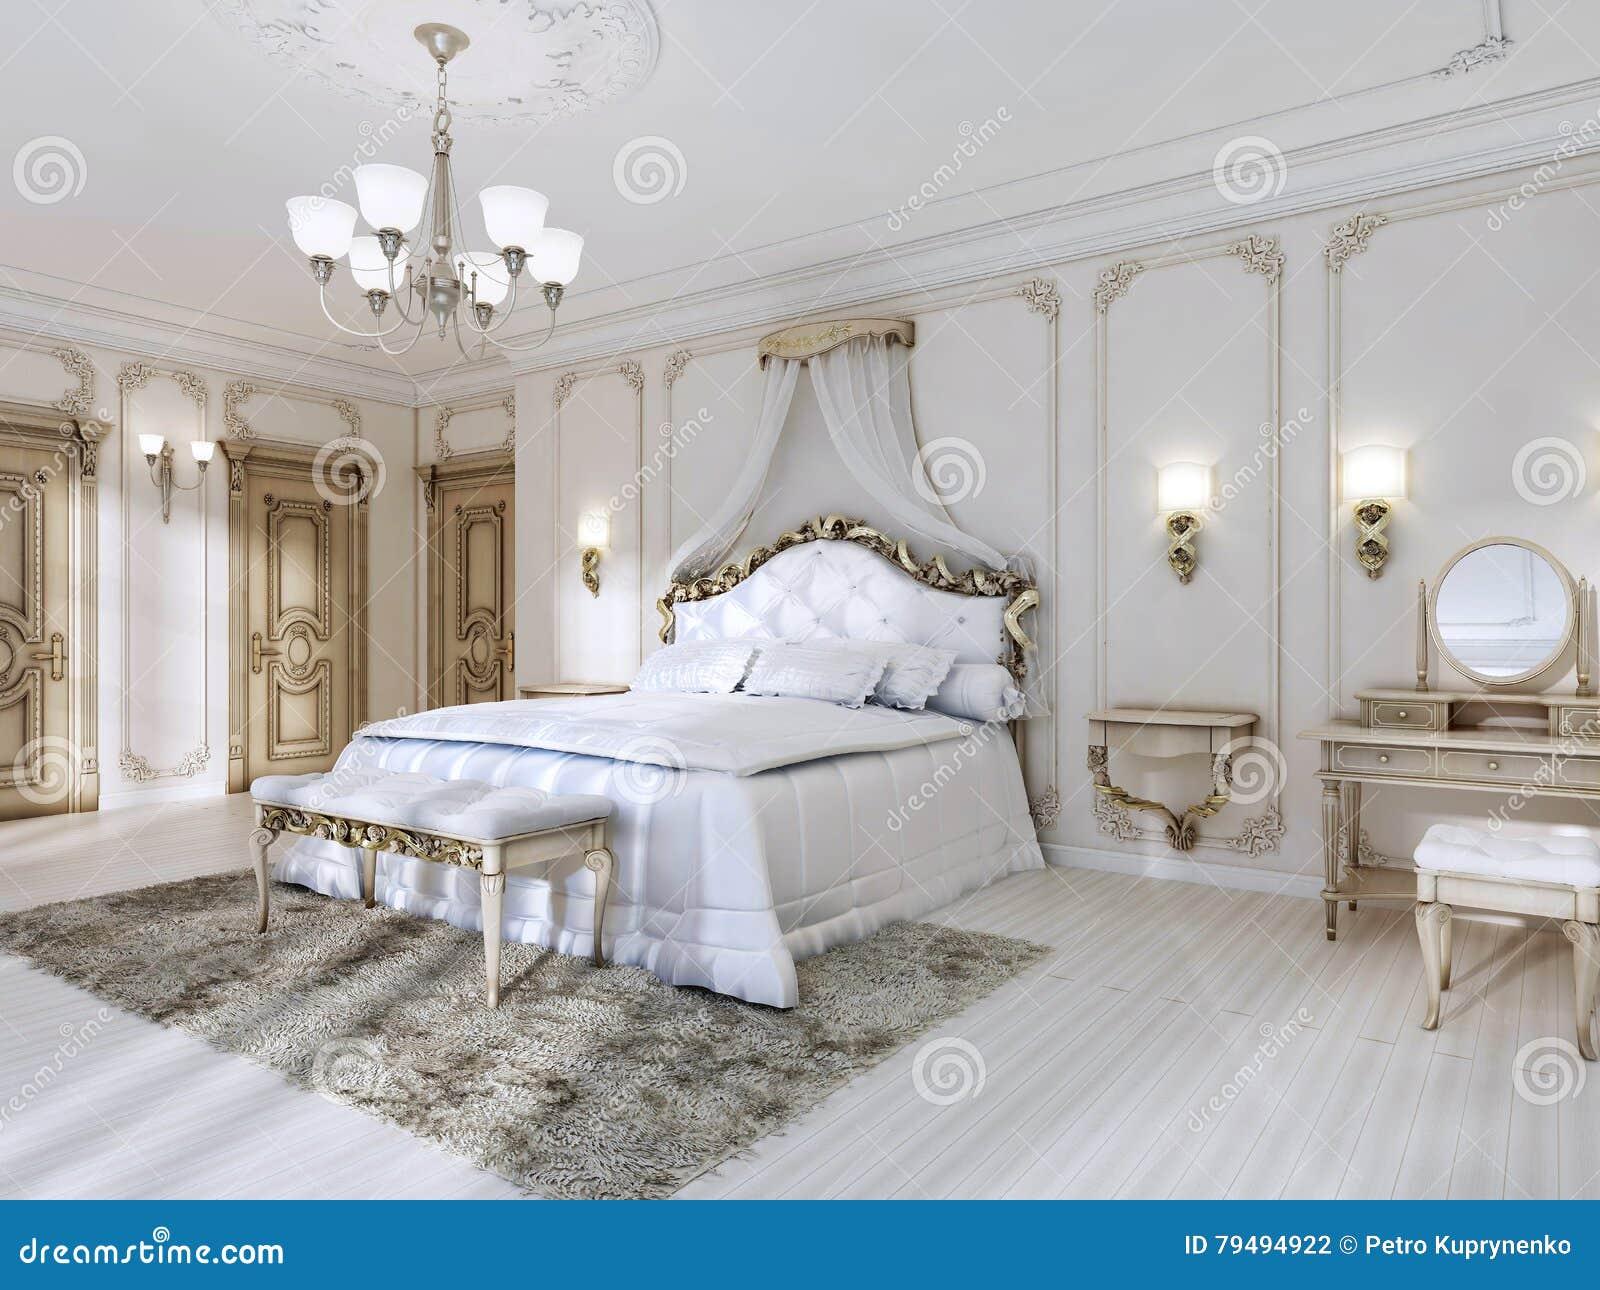 Camera da letto lussuosa nei colori bianchi in uno stile classico illustrazione di stock - Camera da letto stile classico ...